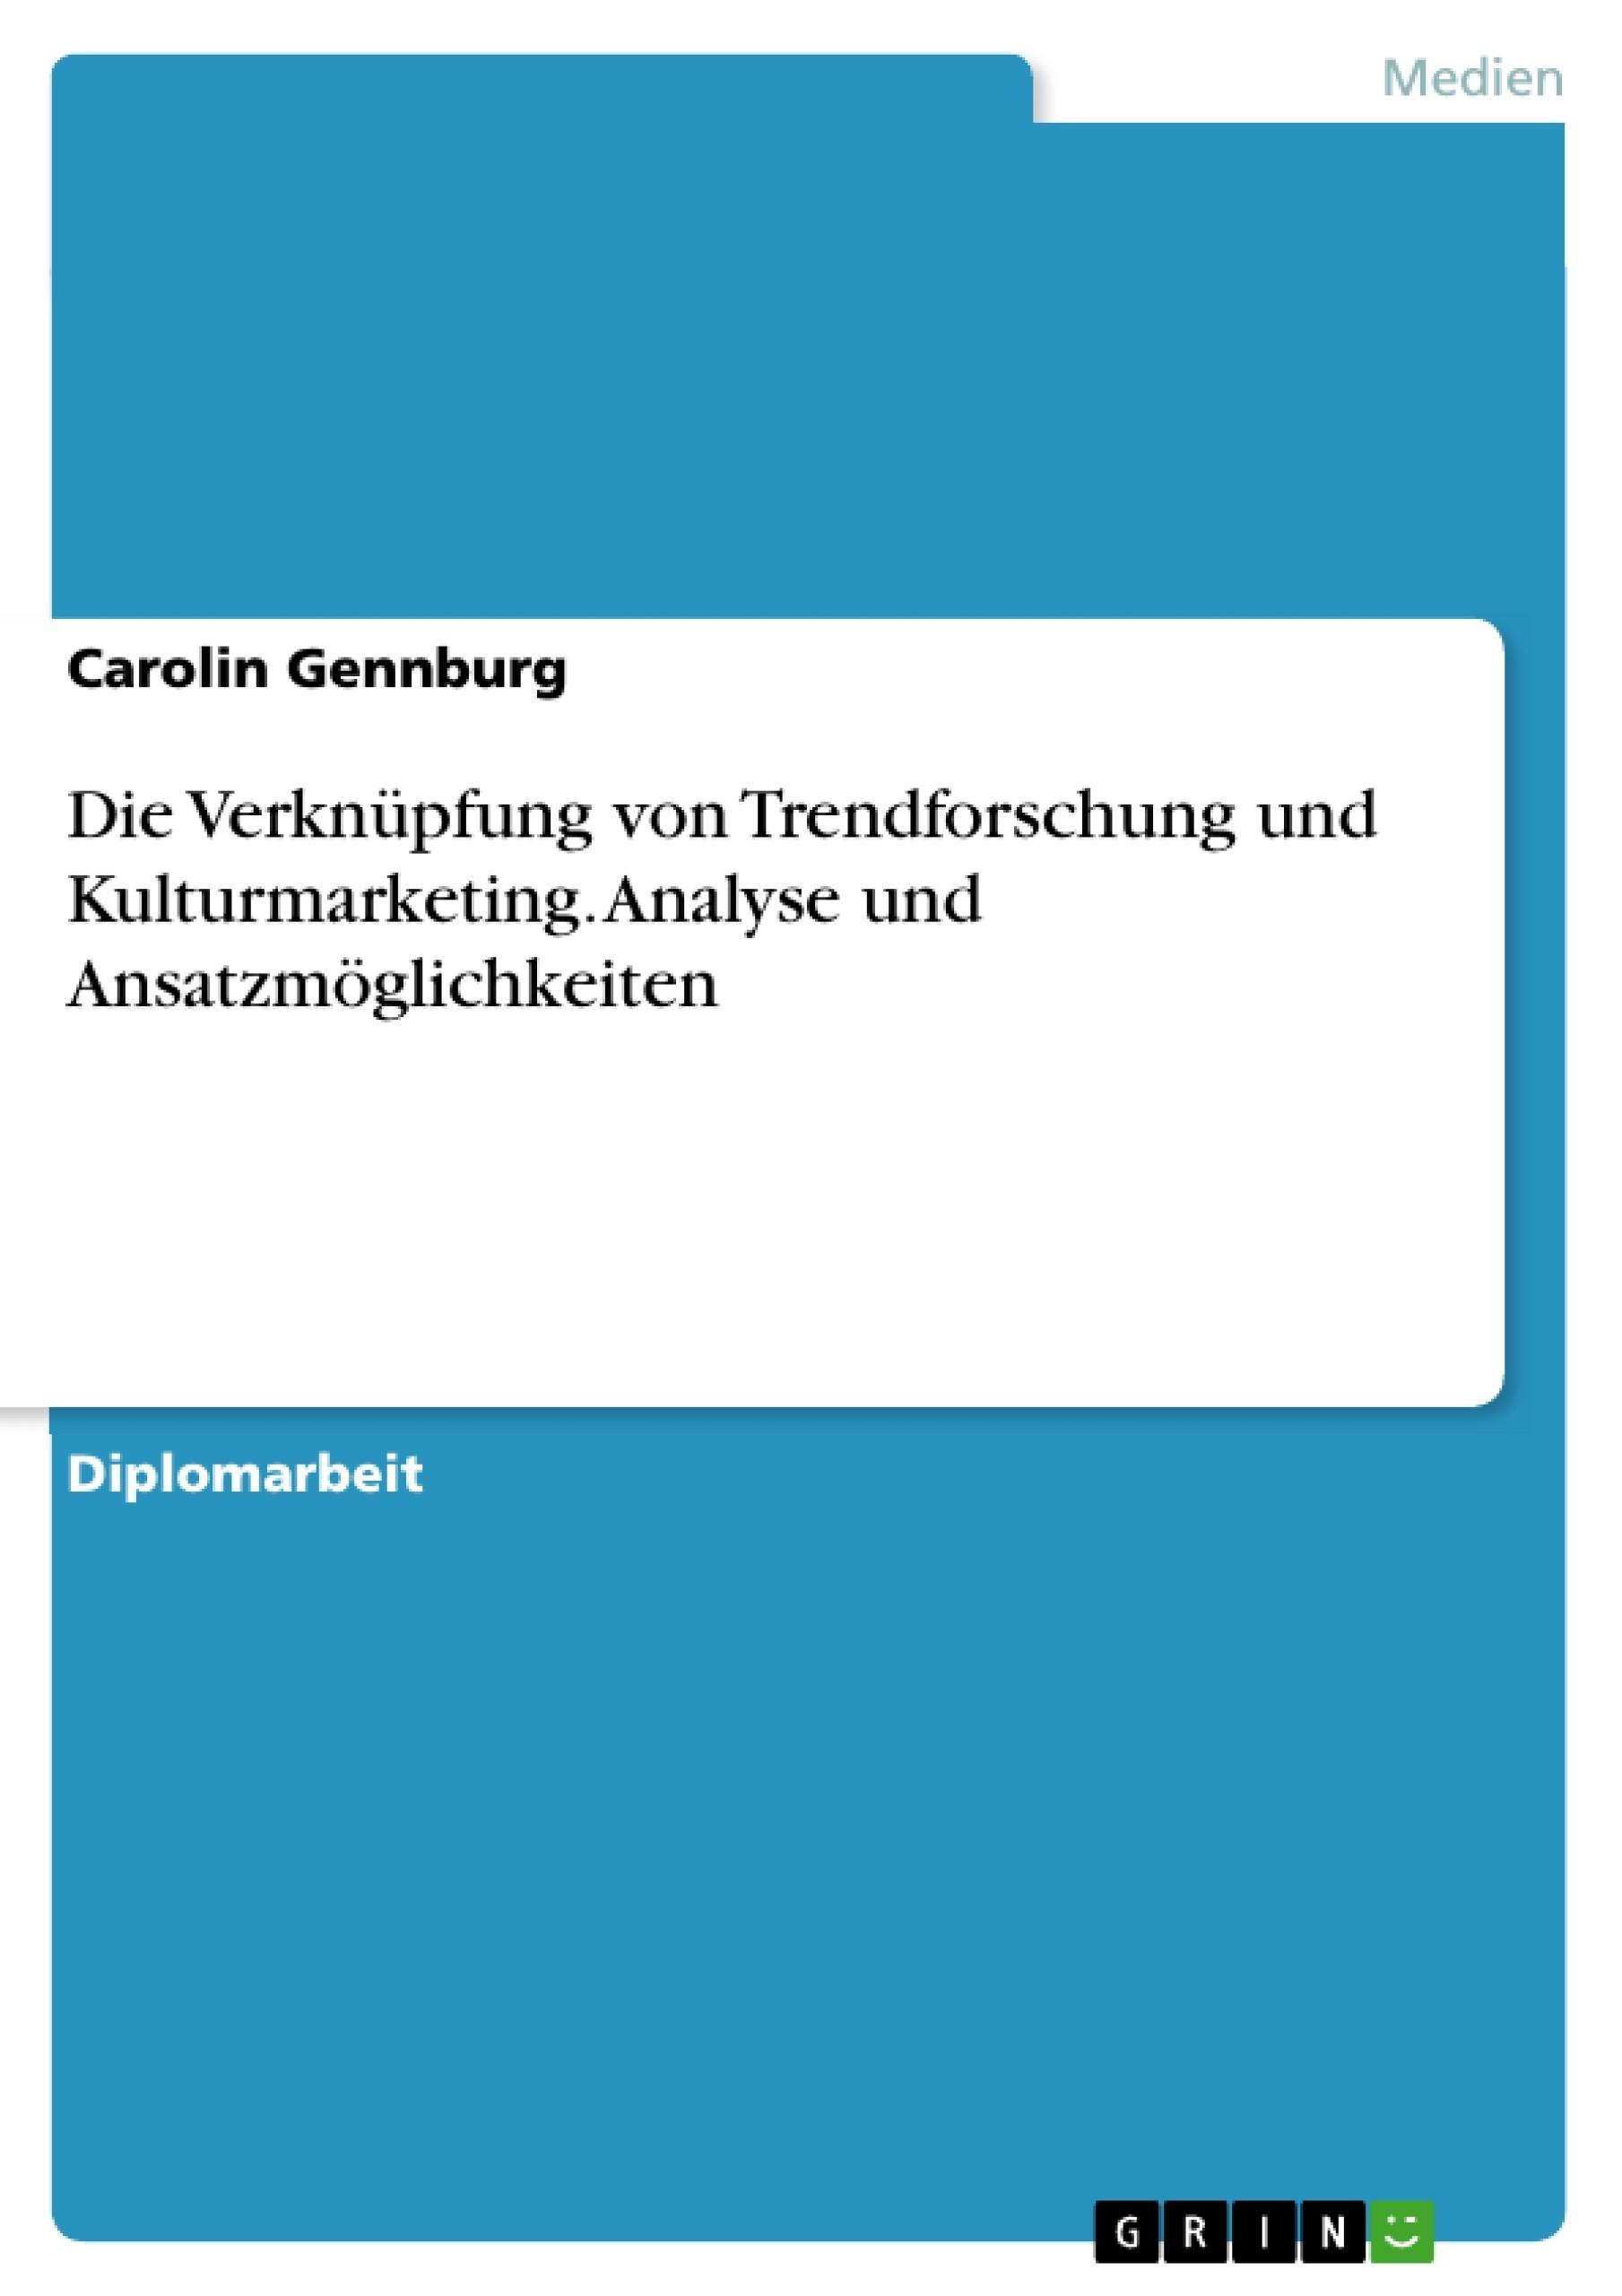 Titel: Die Verknüpfung von Trendforschung und Kulturmarketing.  Analyse und Ansatzmöglichkeiten